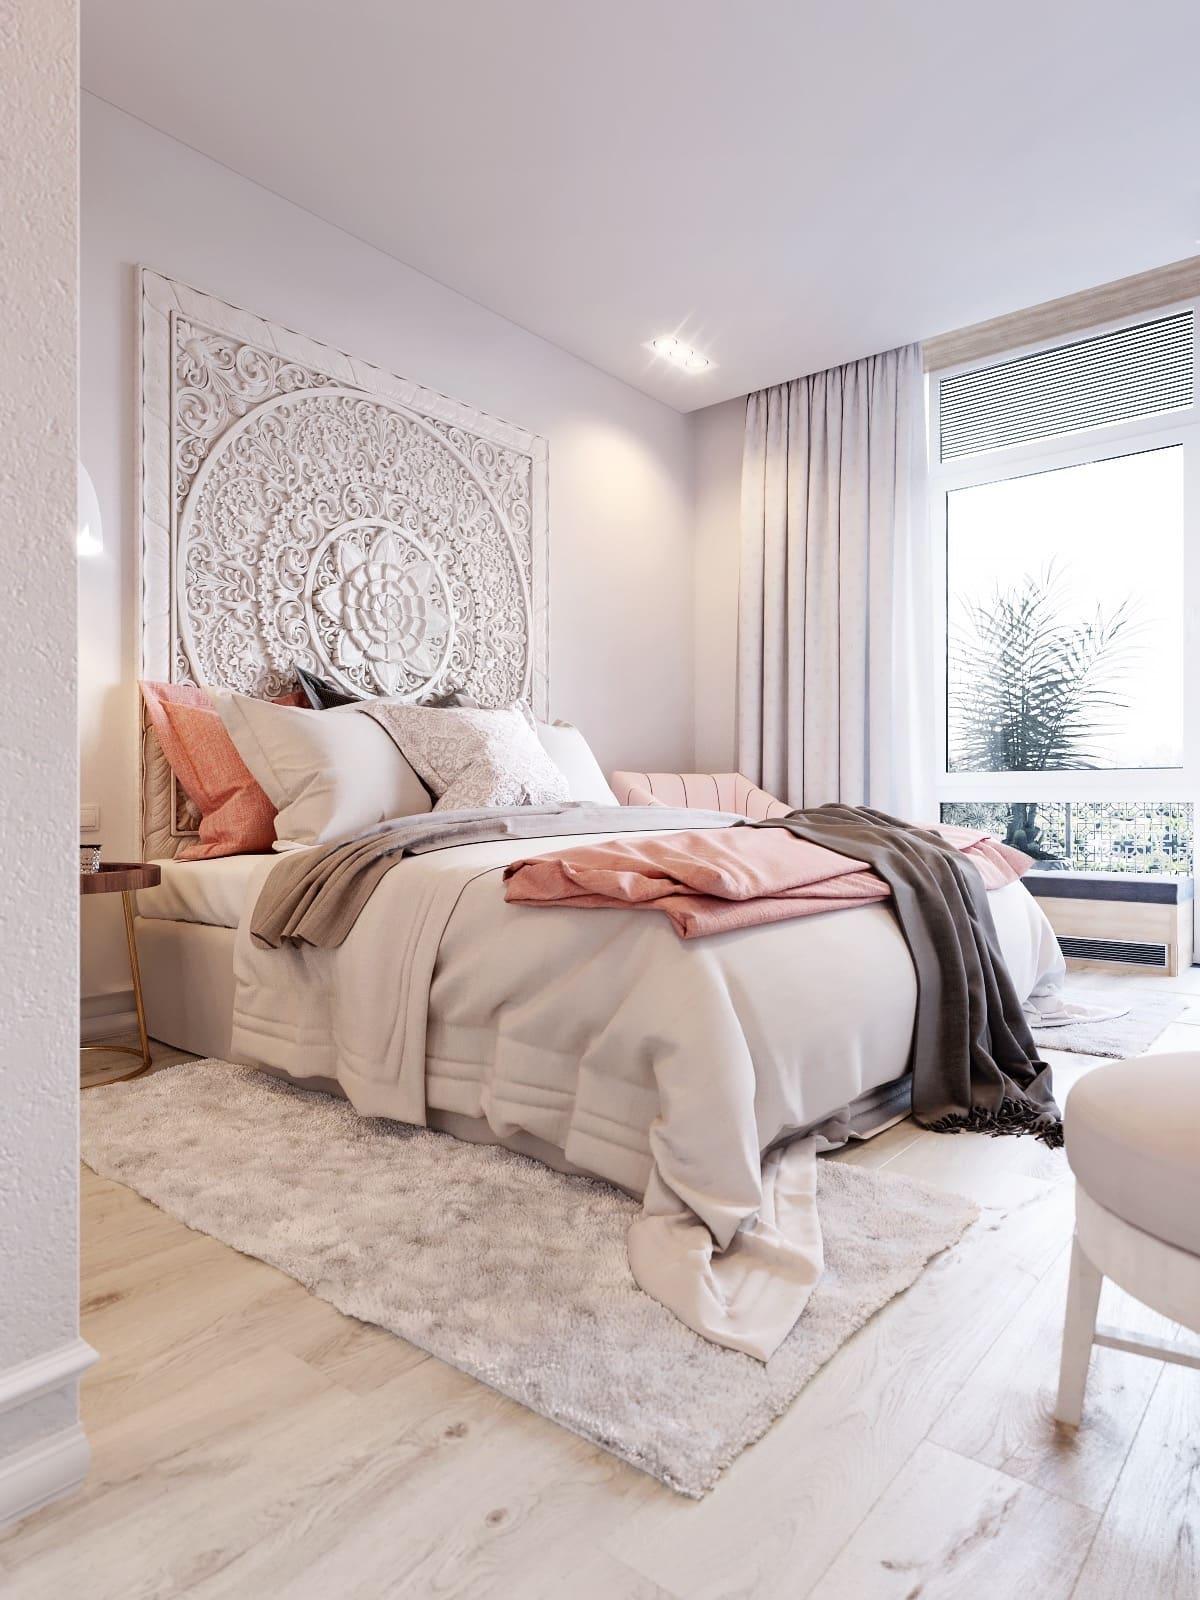 Спать или отдыхать в такой спальне огромное удовольствие